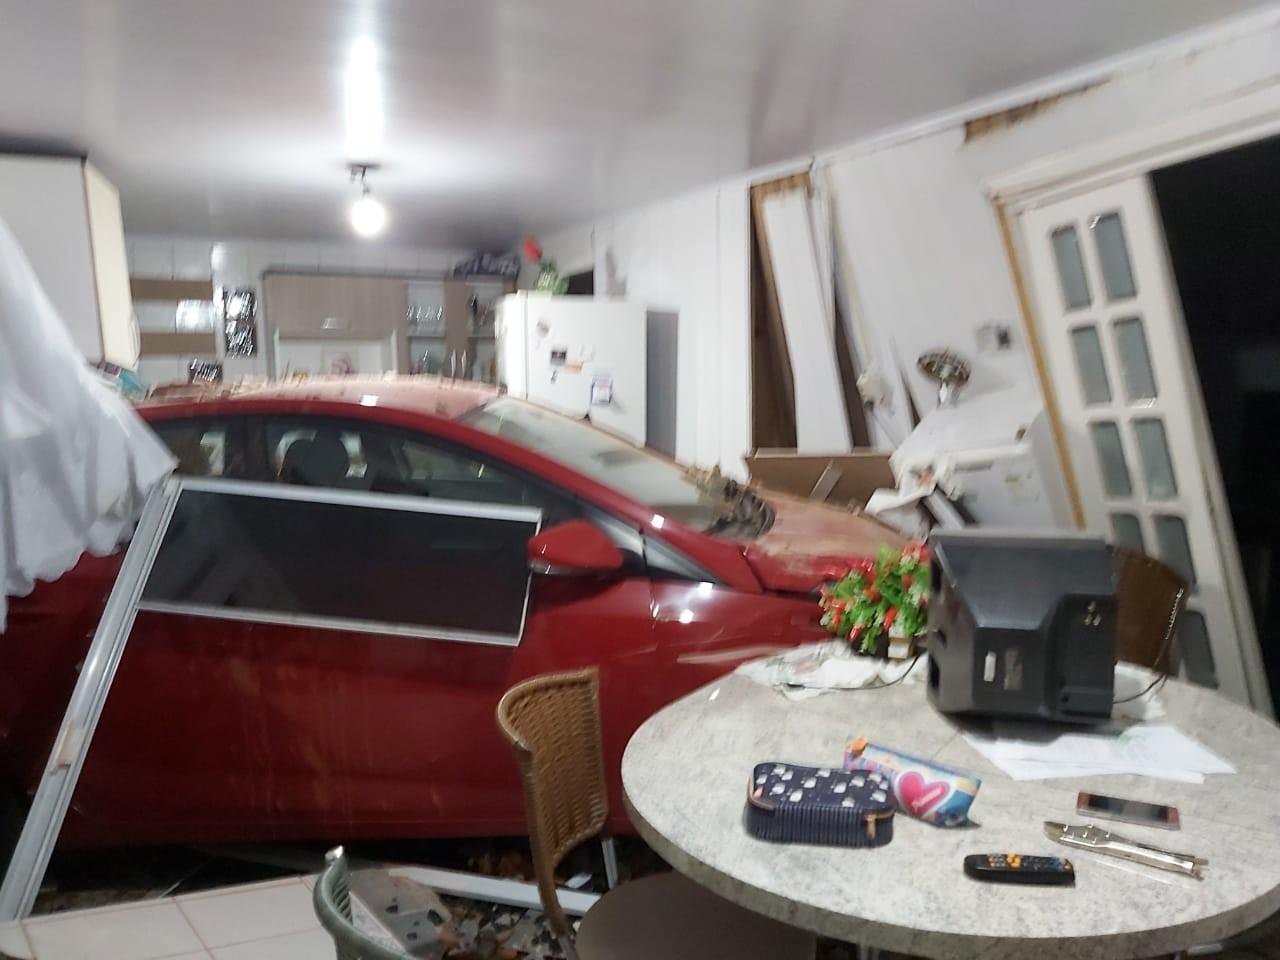 Carreta desgovernada invade garagem de casa, arrasta carro e destrói cozinha no Oeste catarinense